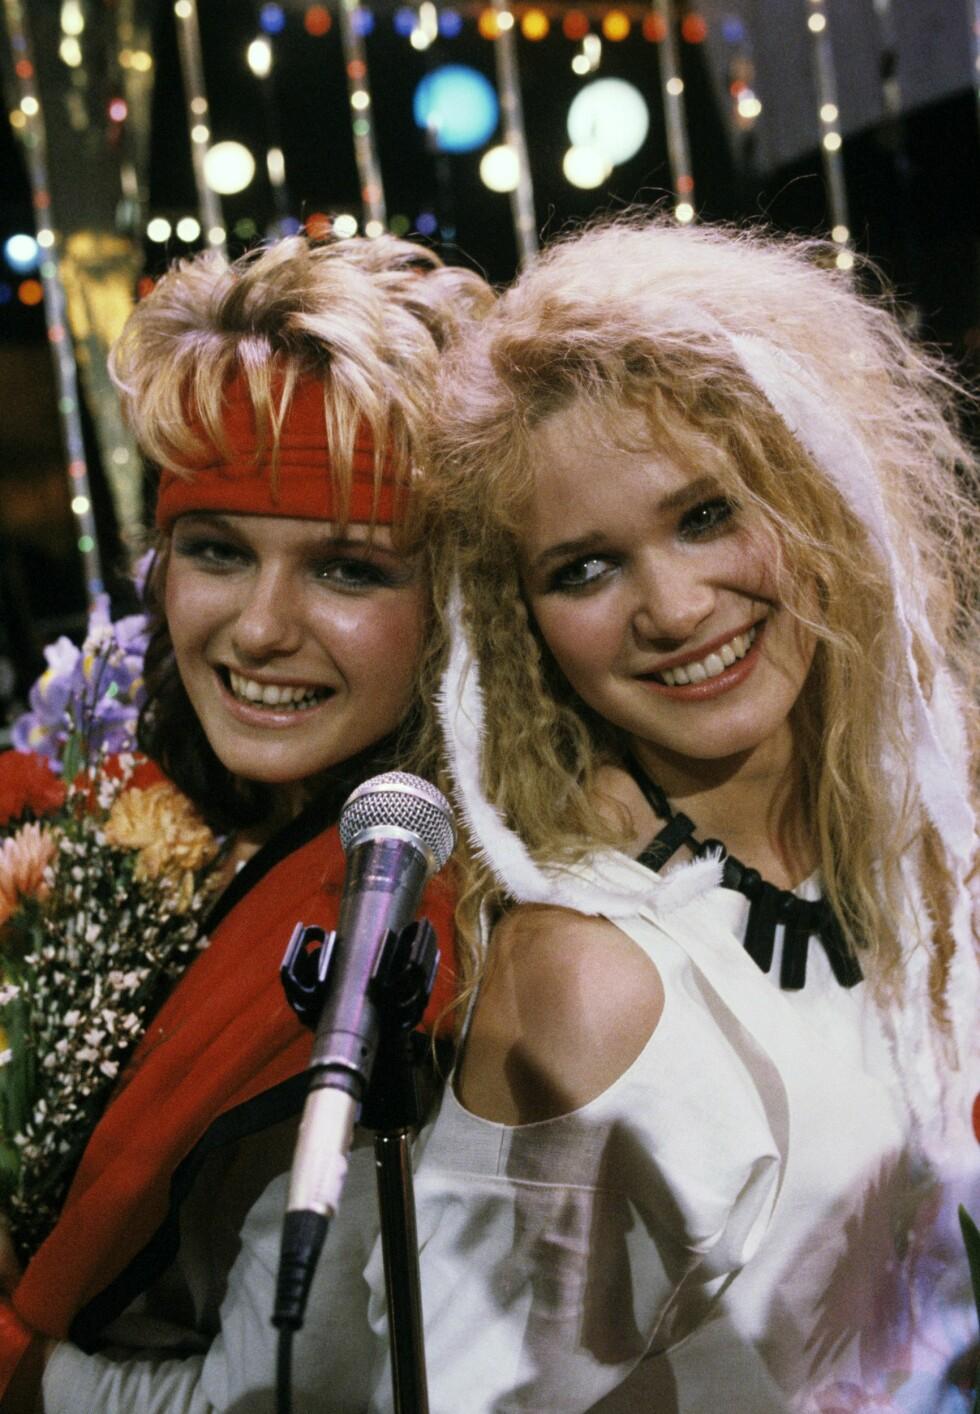 BEGYNNELSEN: Slik så Benedicte Adrian og Ingrid Bjørnov ut som duoen «Dollie de Luxe». Her er de avbildet i 1986.   ***FOTO IKKE BILDEBEHANDLET*** Foto: Aftenposten